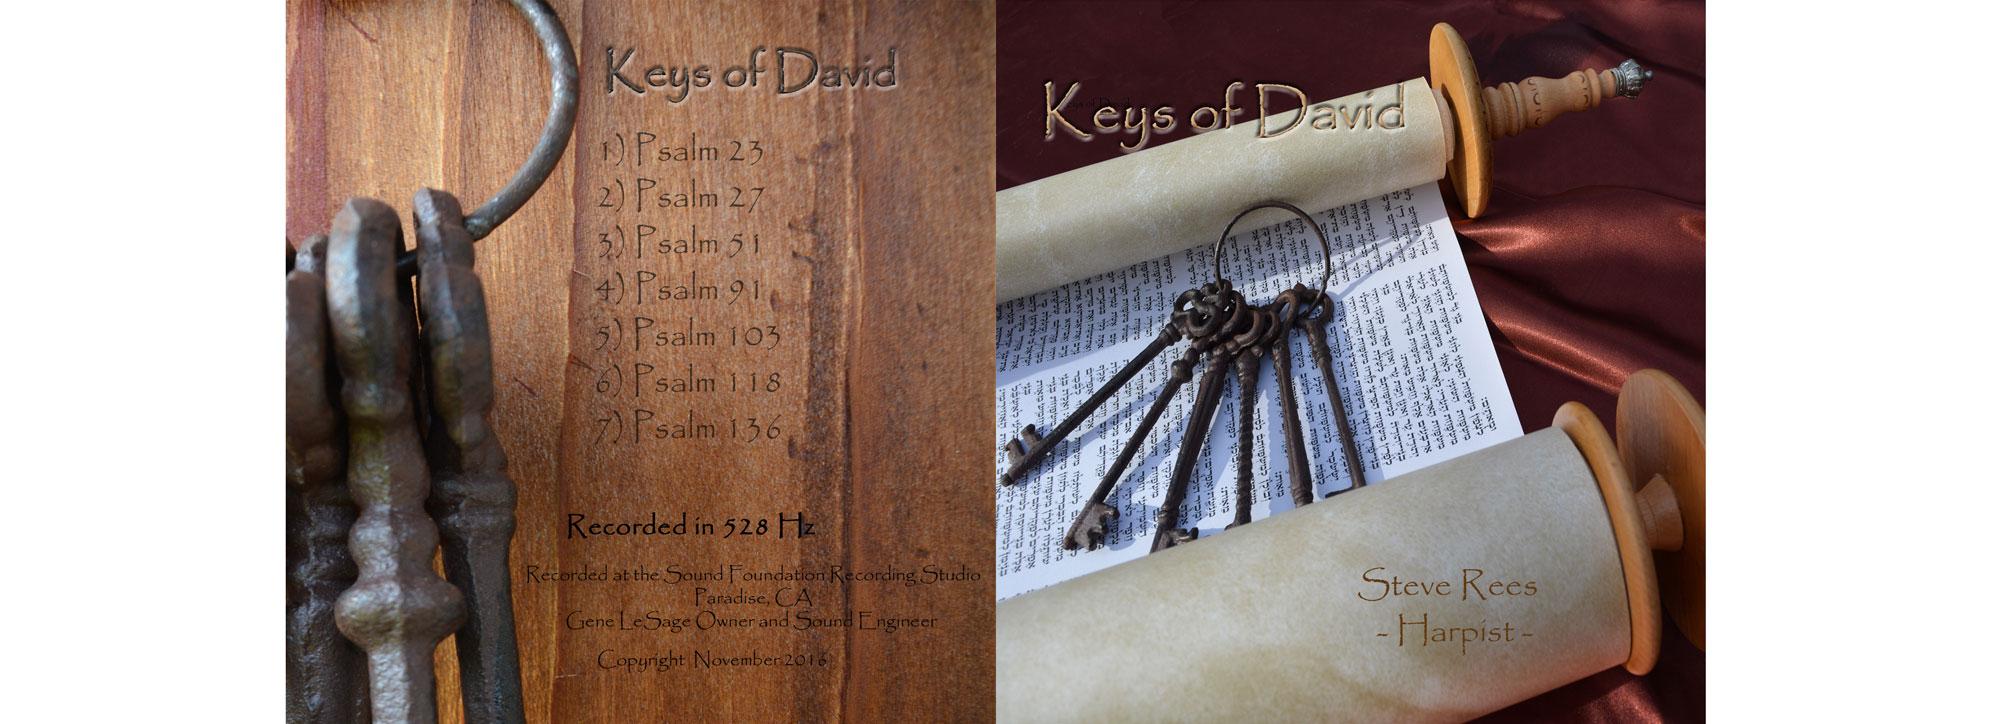 Keys of David by Steve Rees